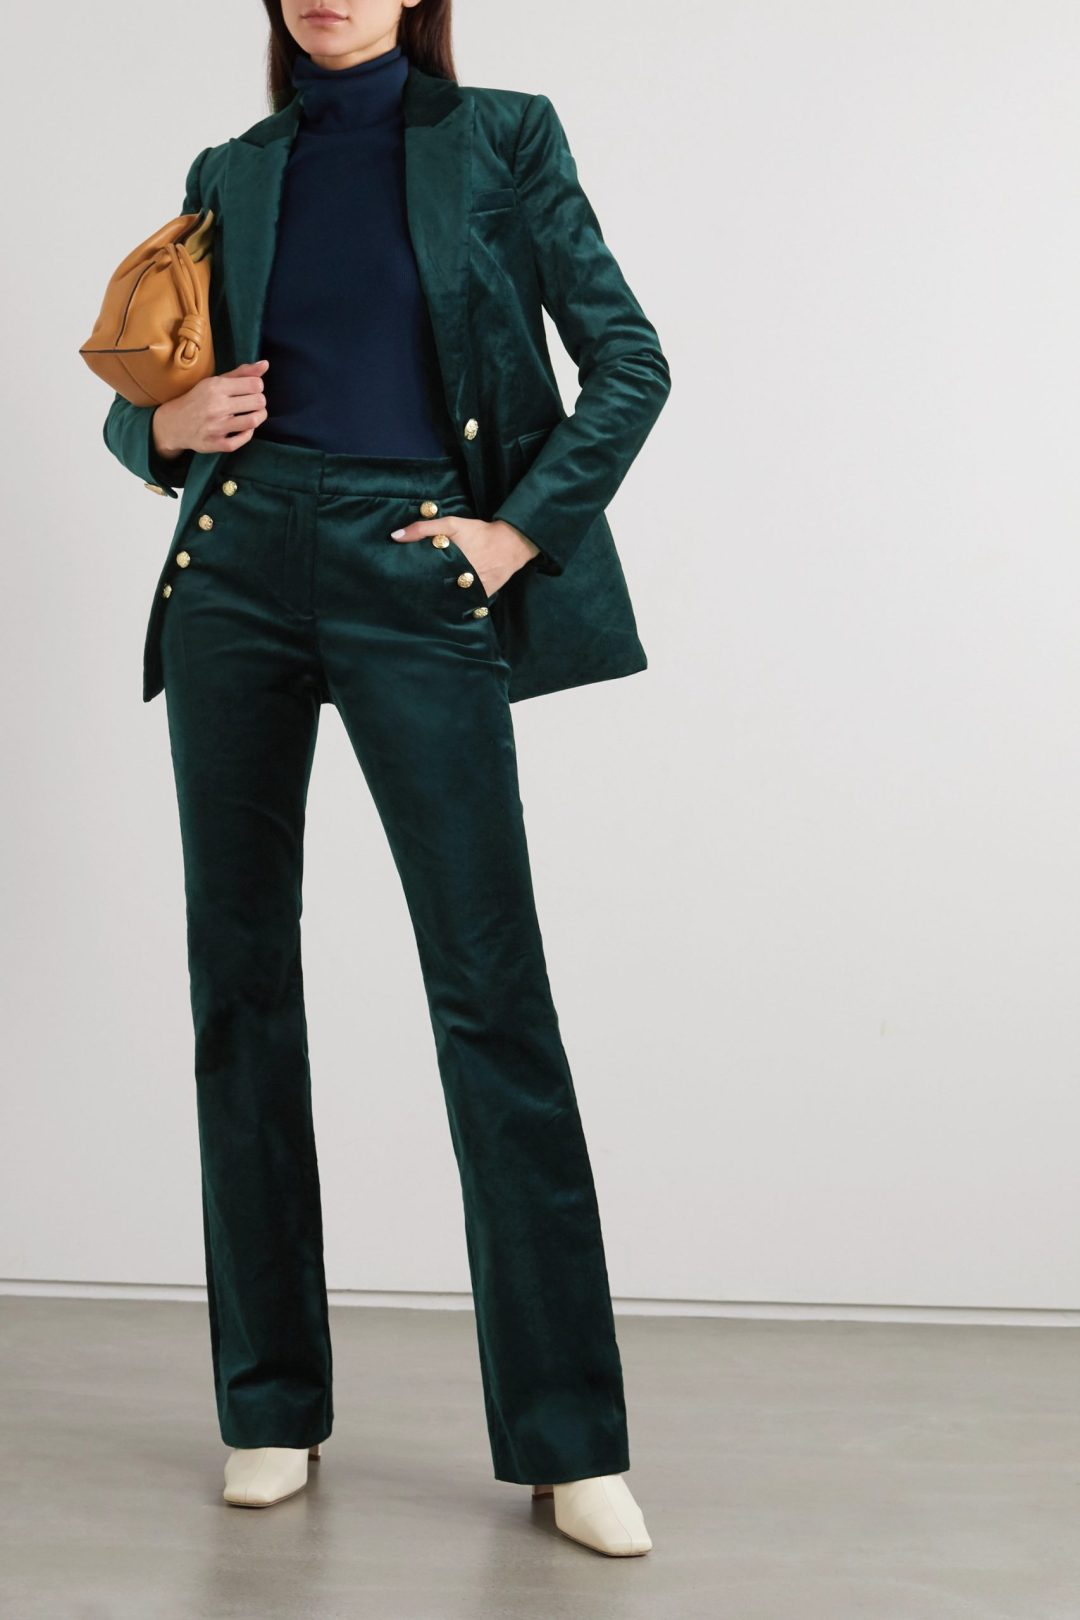 Velvet Emerald Green trouser suit